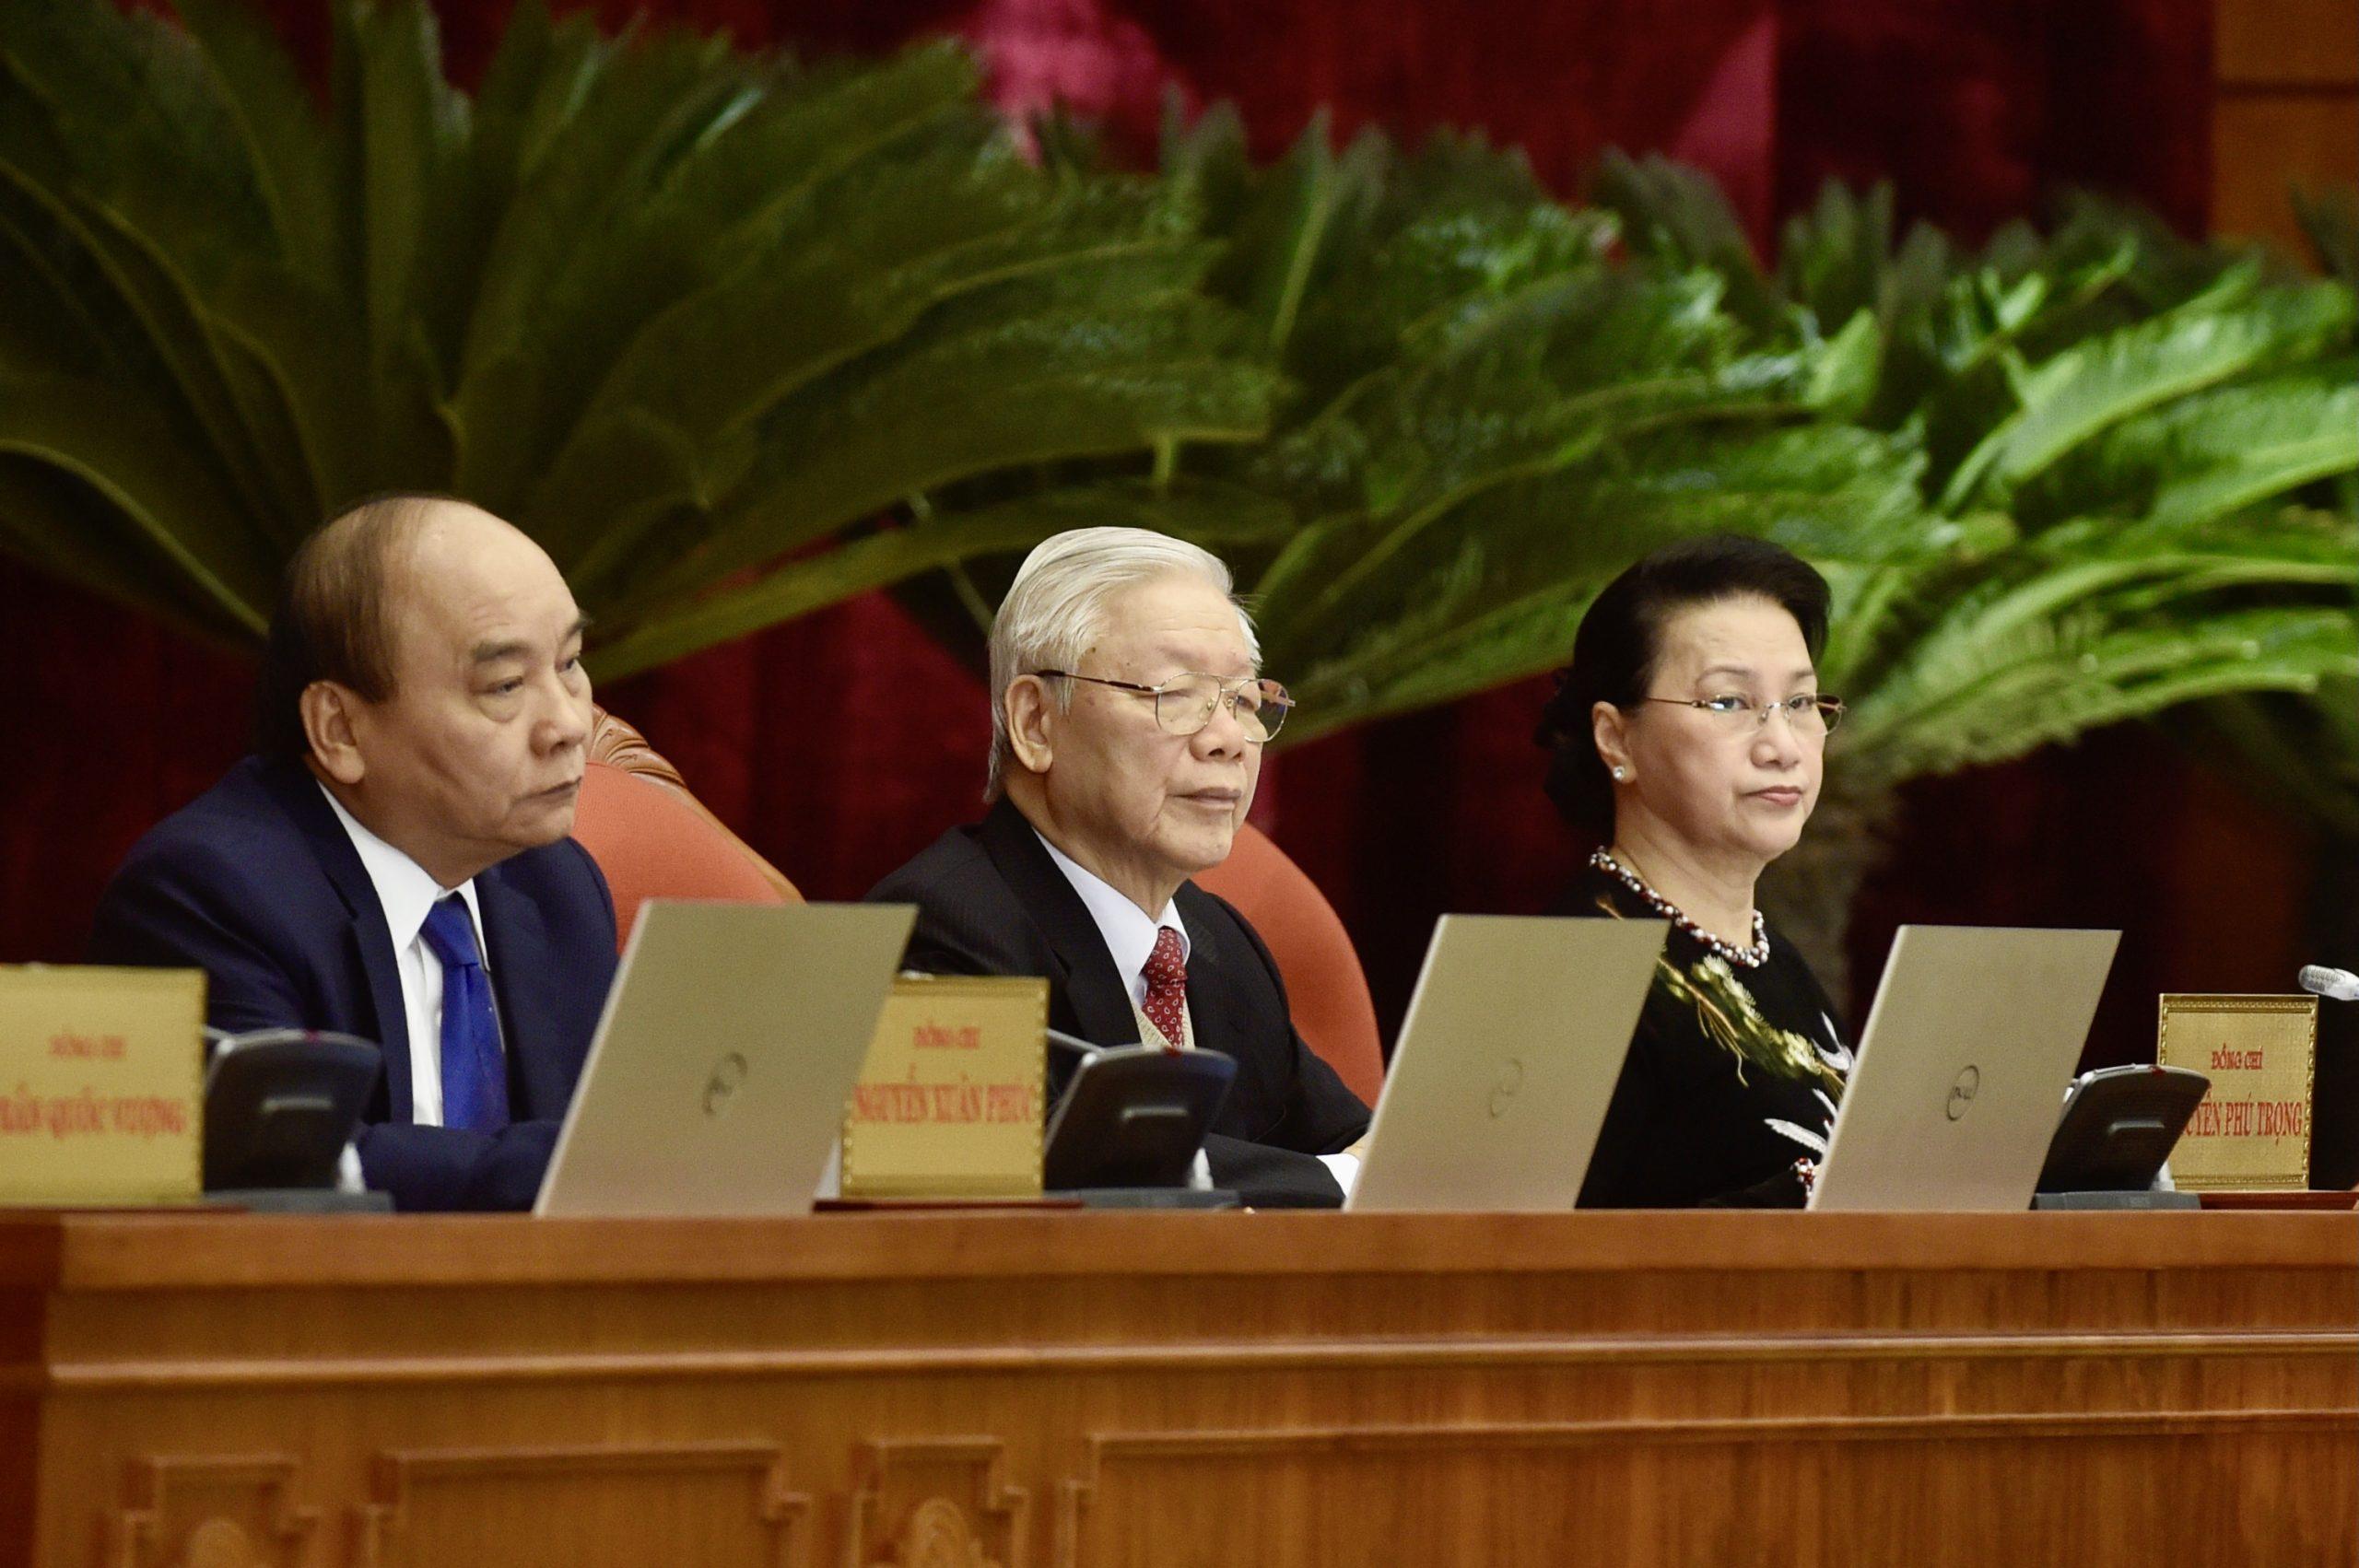 Tổng bí thư Đảng Cộng sản Việt nam tuyên bố về nhân sự khoá 13